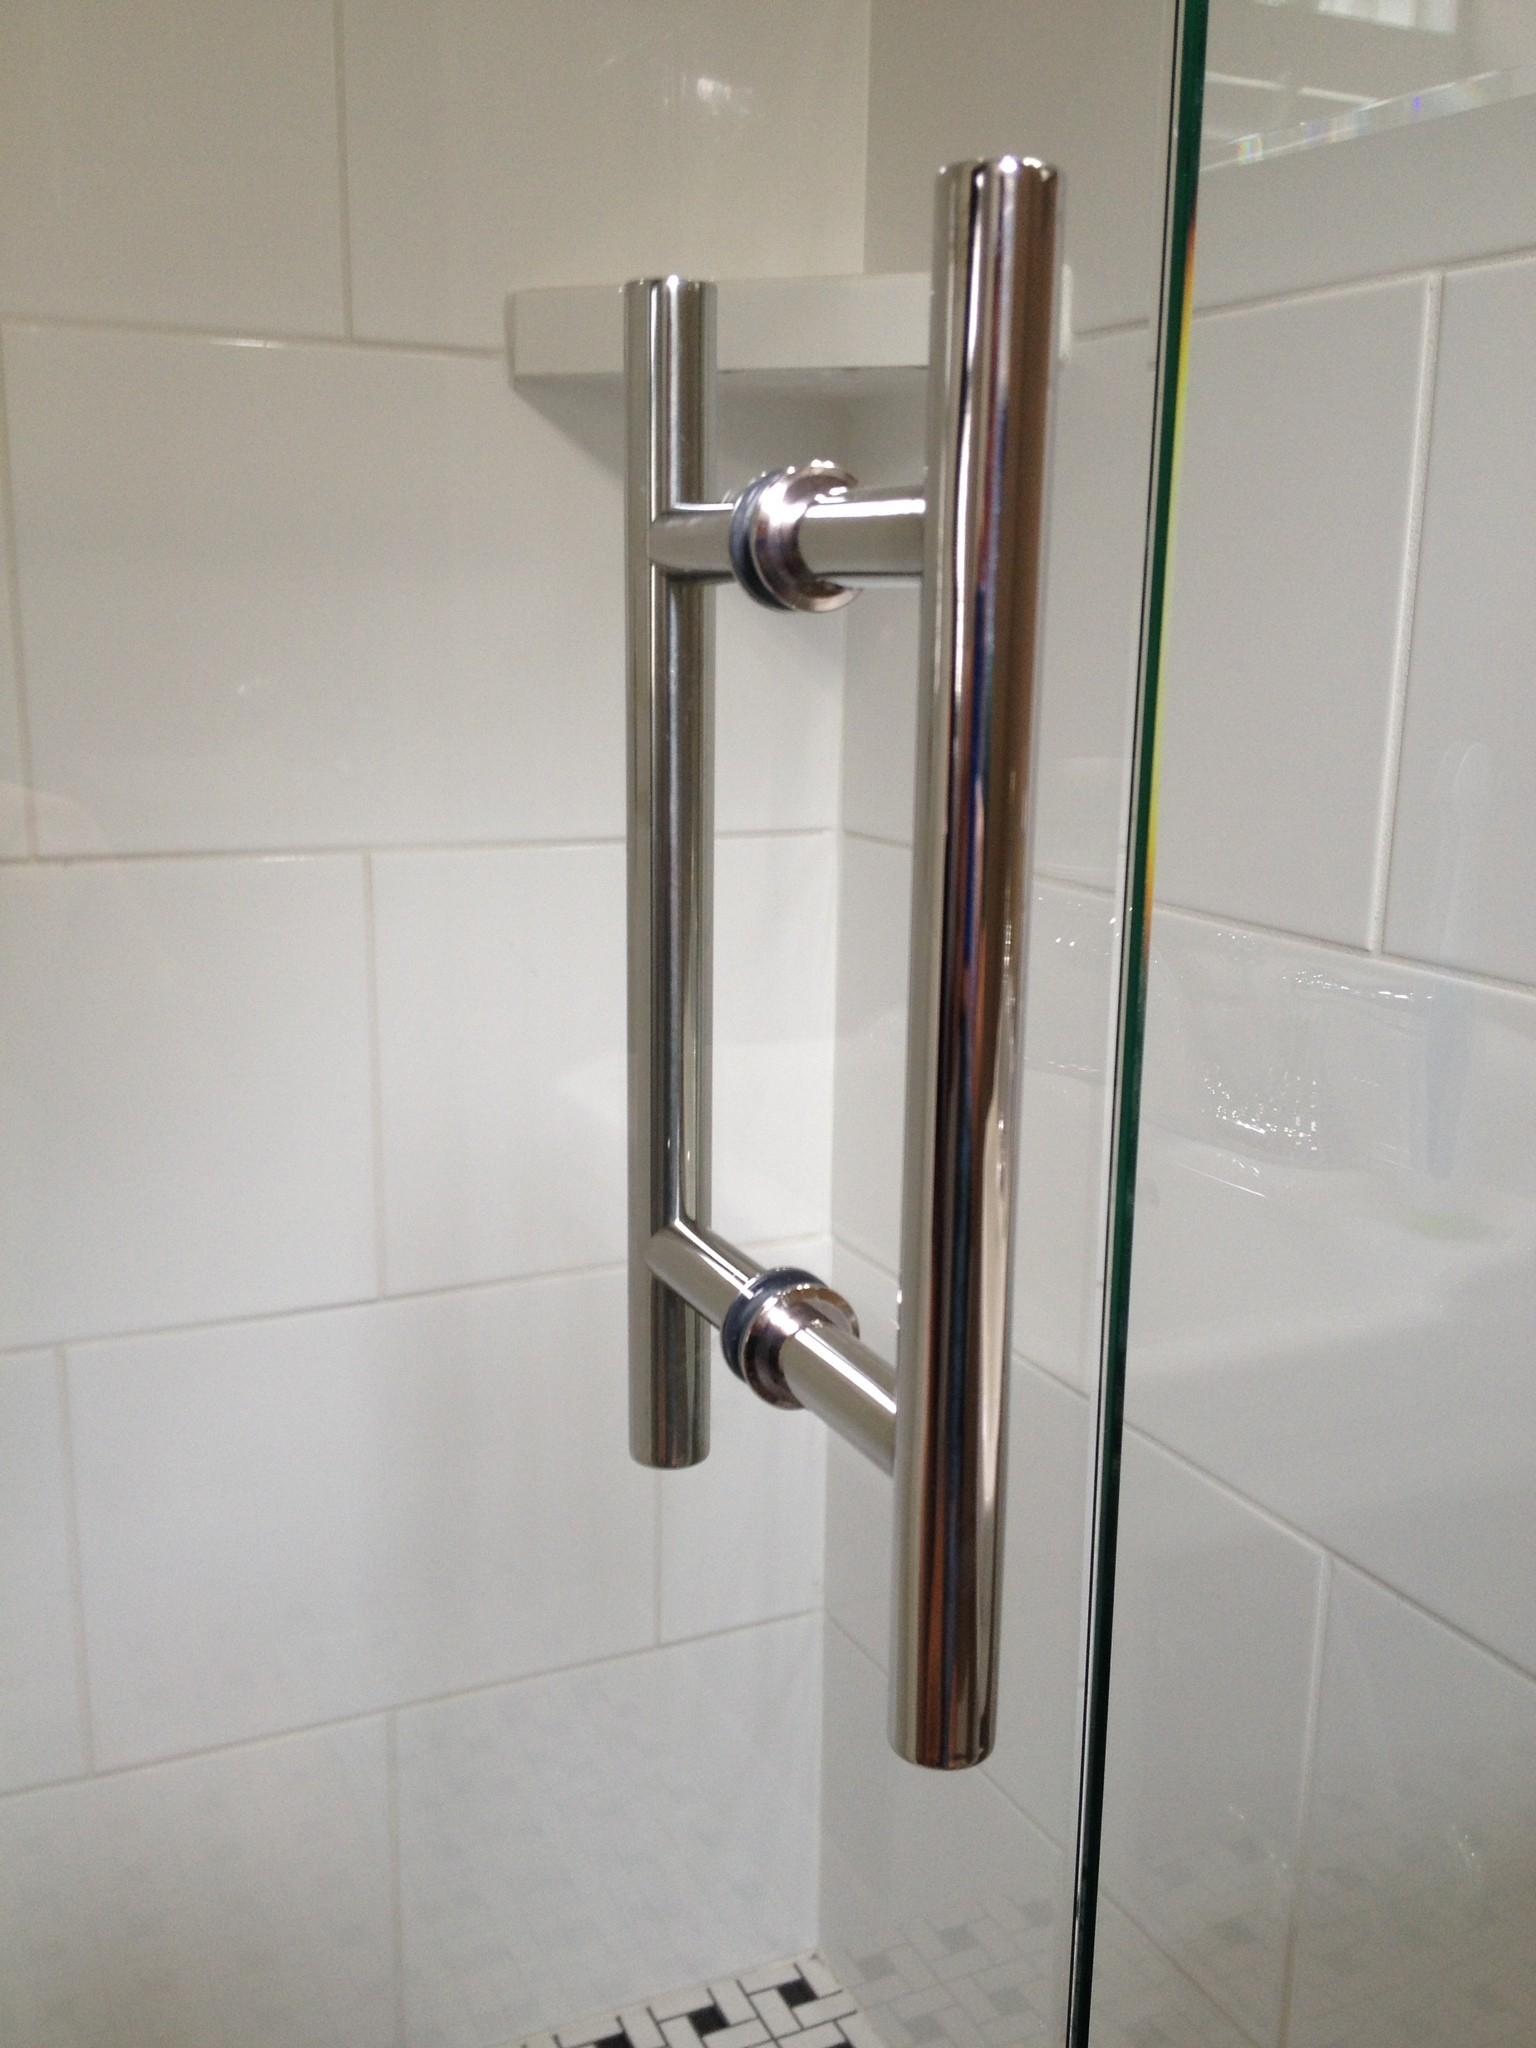 Sliding Glass Shower Door Pulls1536 X 2048